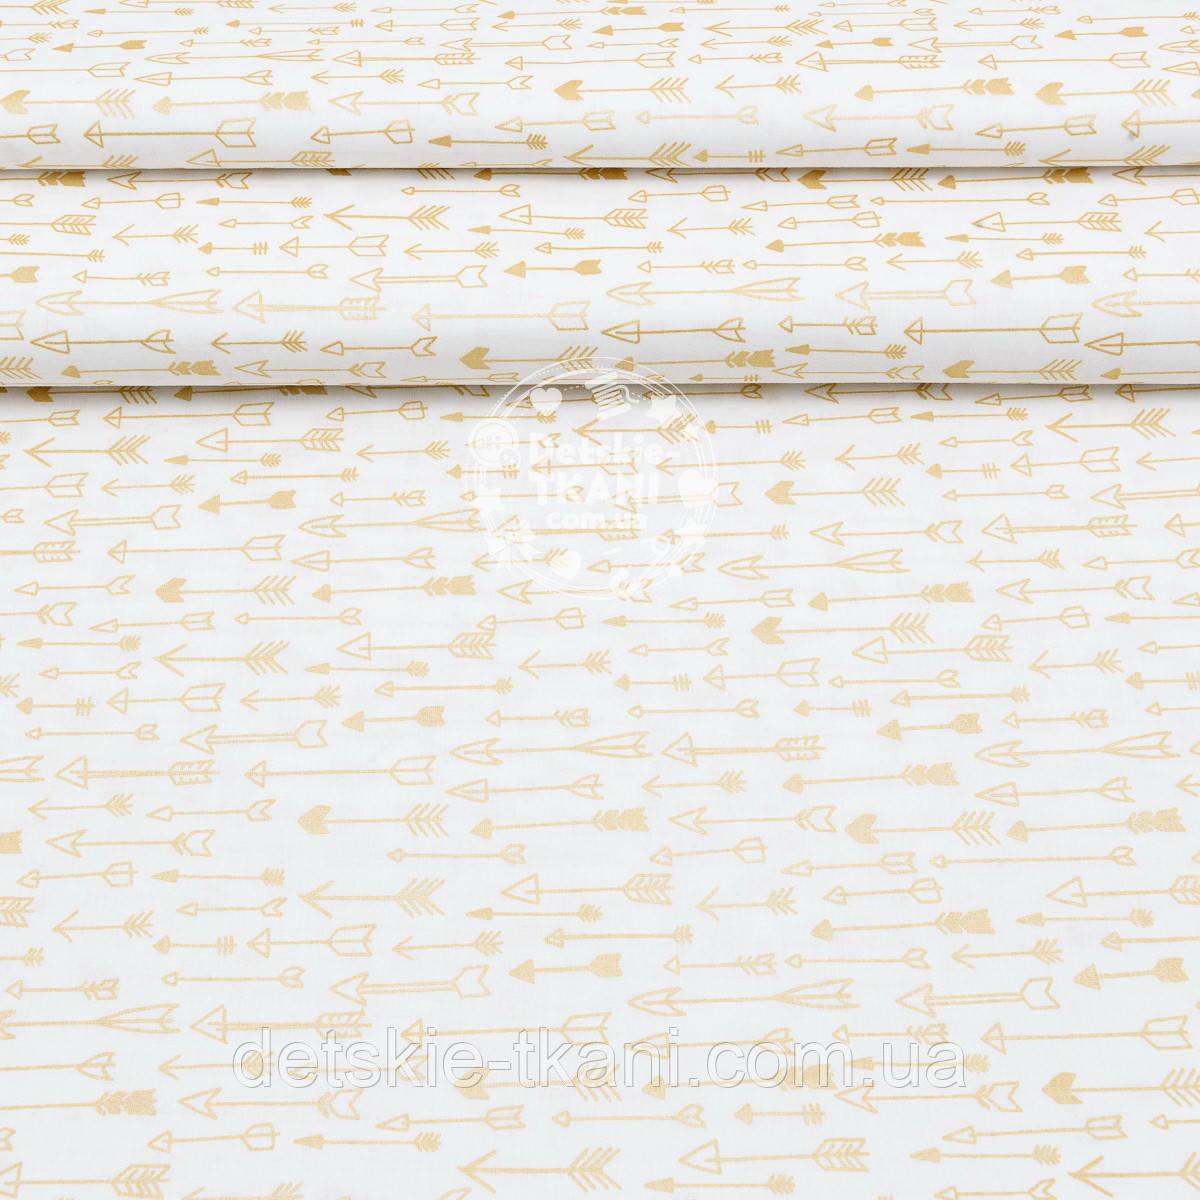 """Поплин шириной 240 см с глиттерным рисунком """"Густые золотые стрелы"""" на белом (№1674)"""